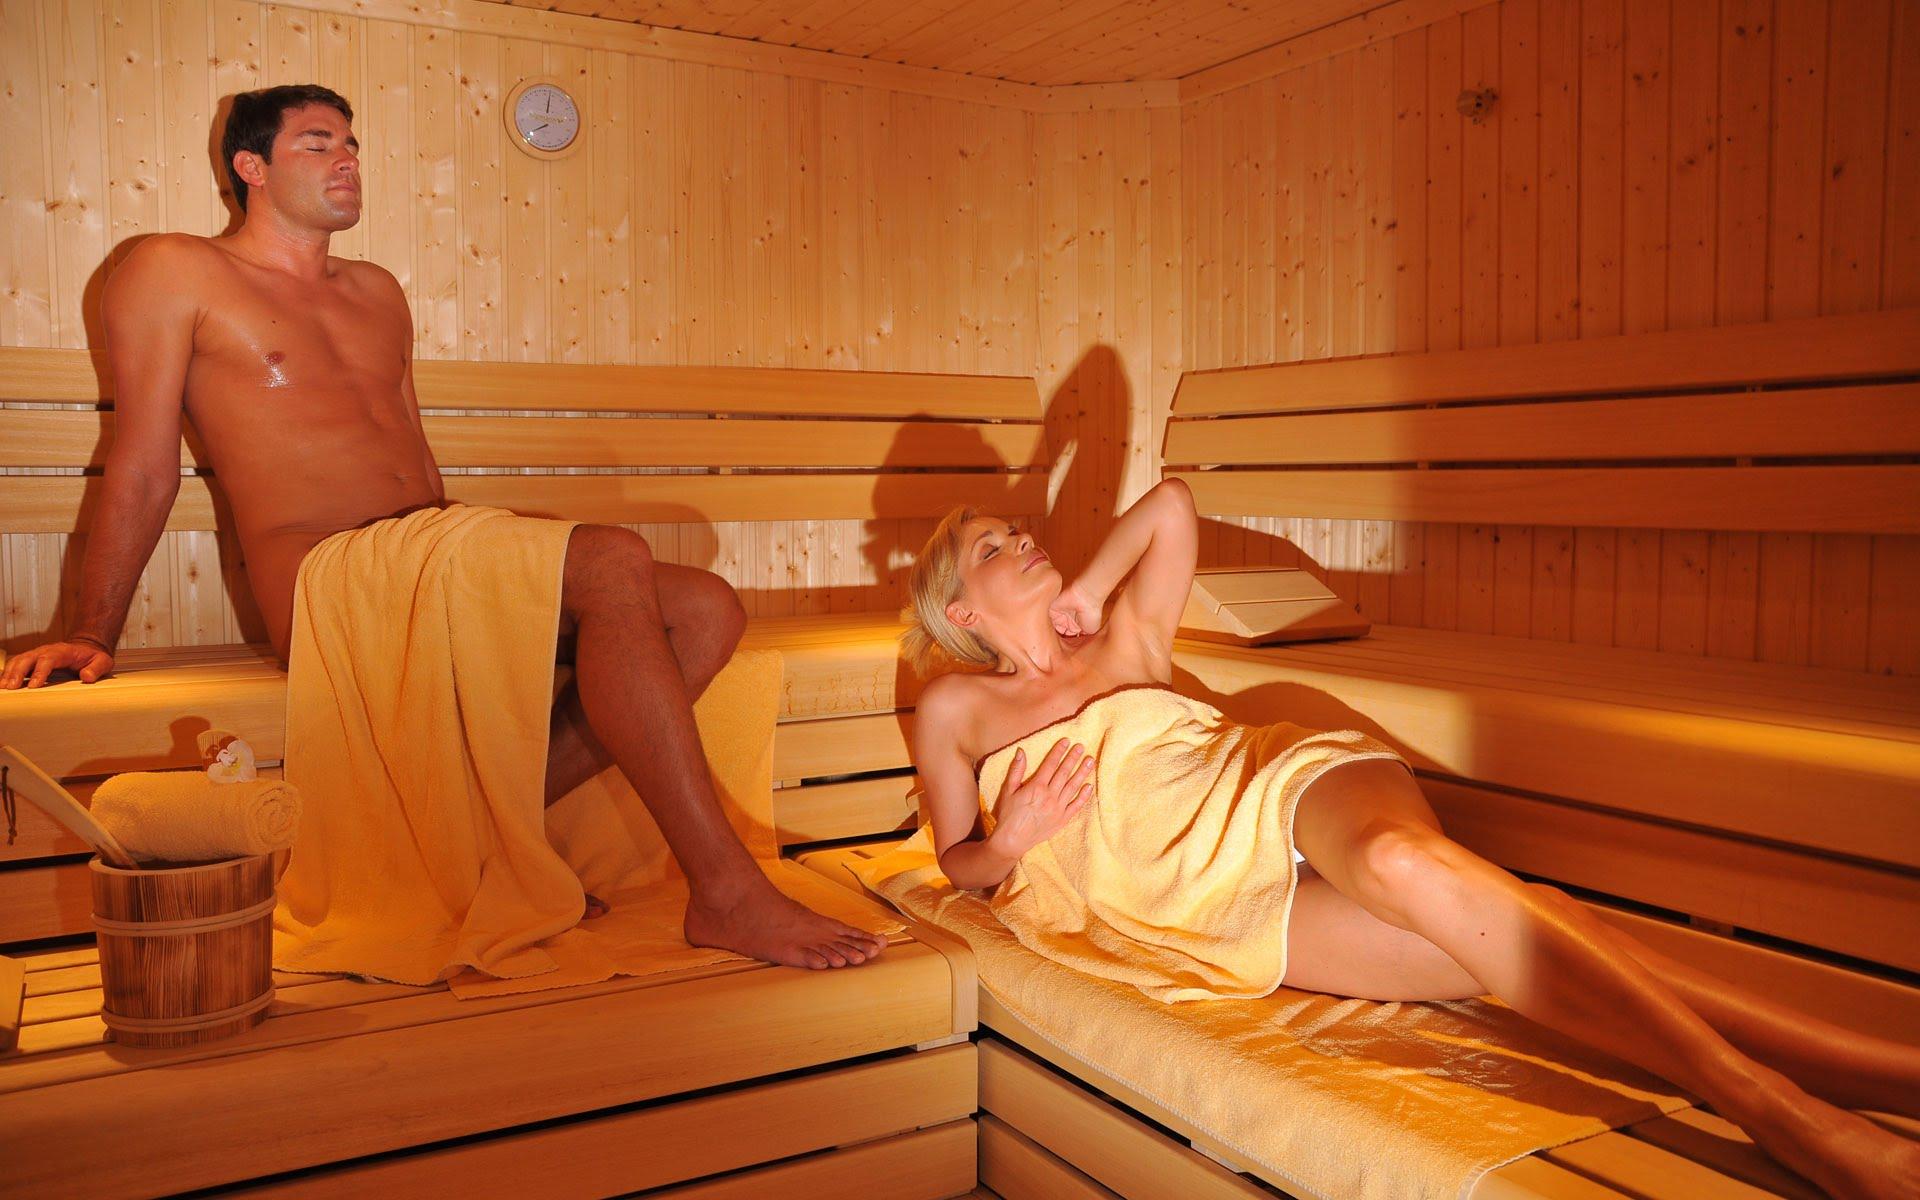 Фото голых баб за 50 в бане, Голые девушки в бане - красивые русские бабы 5 фотография